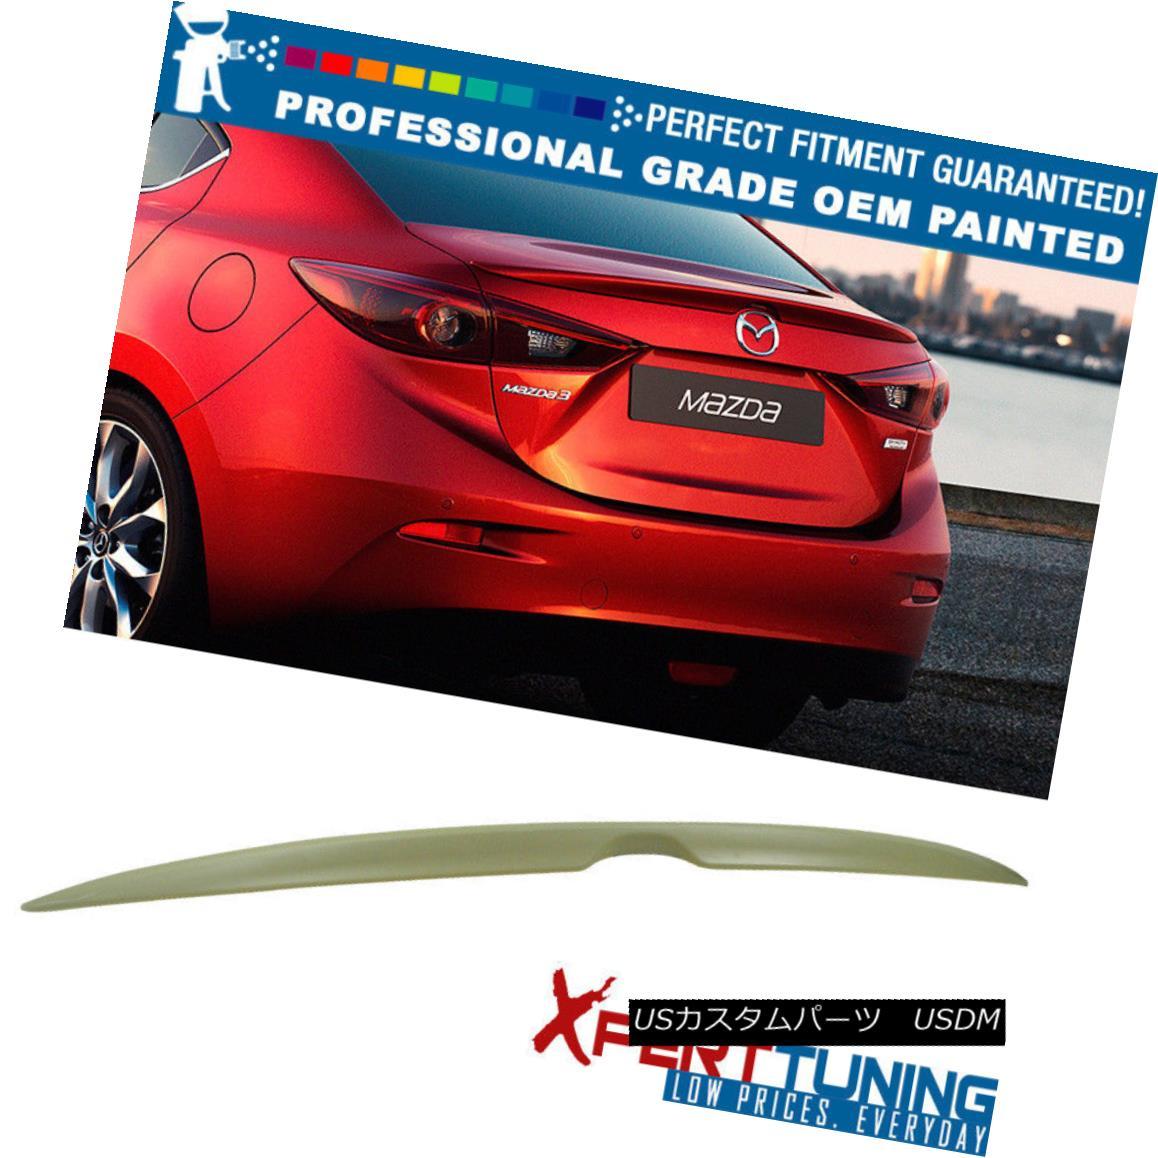 エアロパーツ 14-16 Mazda 3 Mazda3 Sedan OE Style Painted Trunk Spoiler - OEM Painted Color 14-16マツダ3 Mazda3セダンOEスタイル塗装トランクスポイラー - OEM塗装カラー